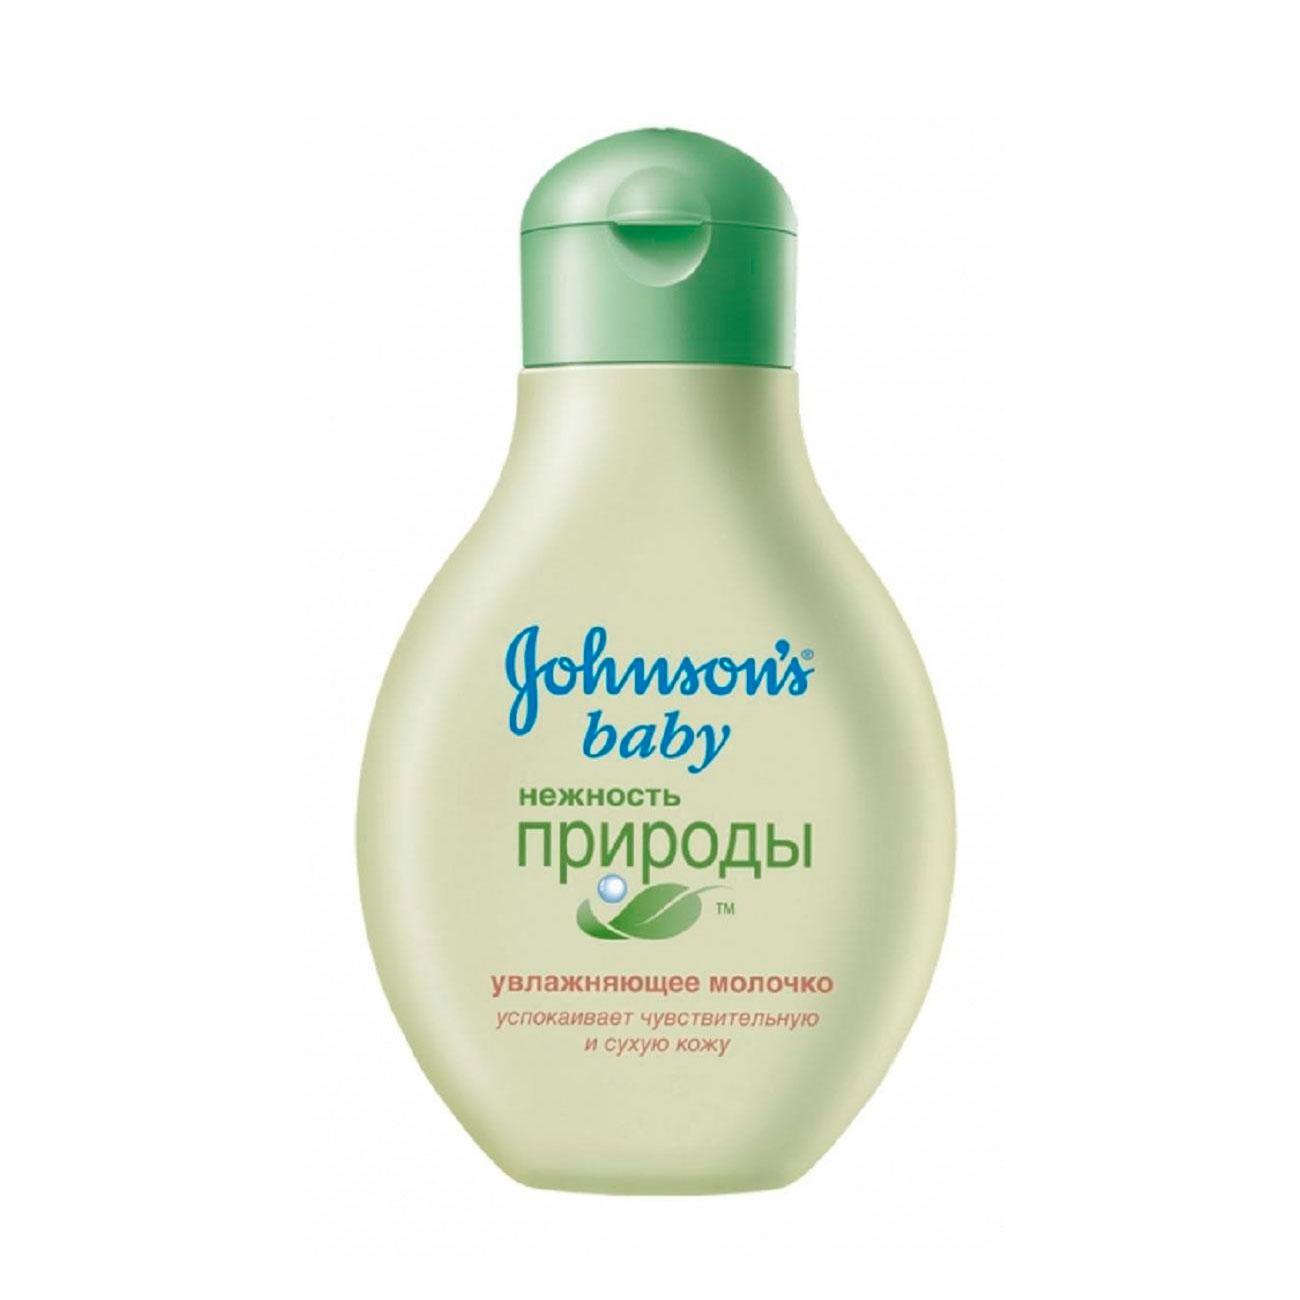 Молочко Johnson&amp;#039;s baby Нежность природы увлажняющее 250мл<br>